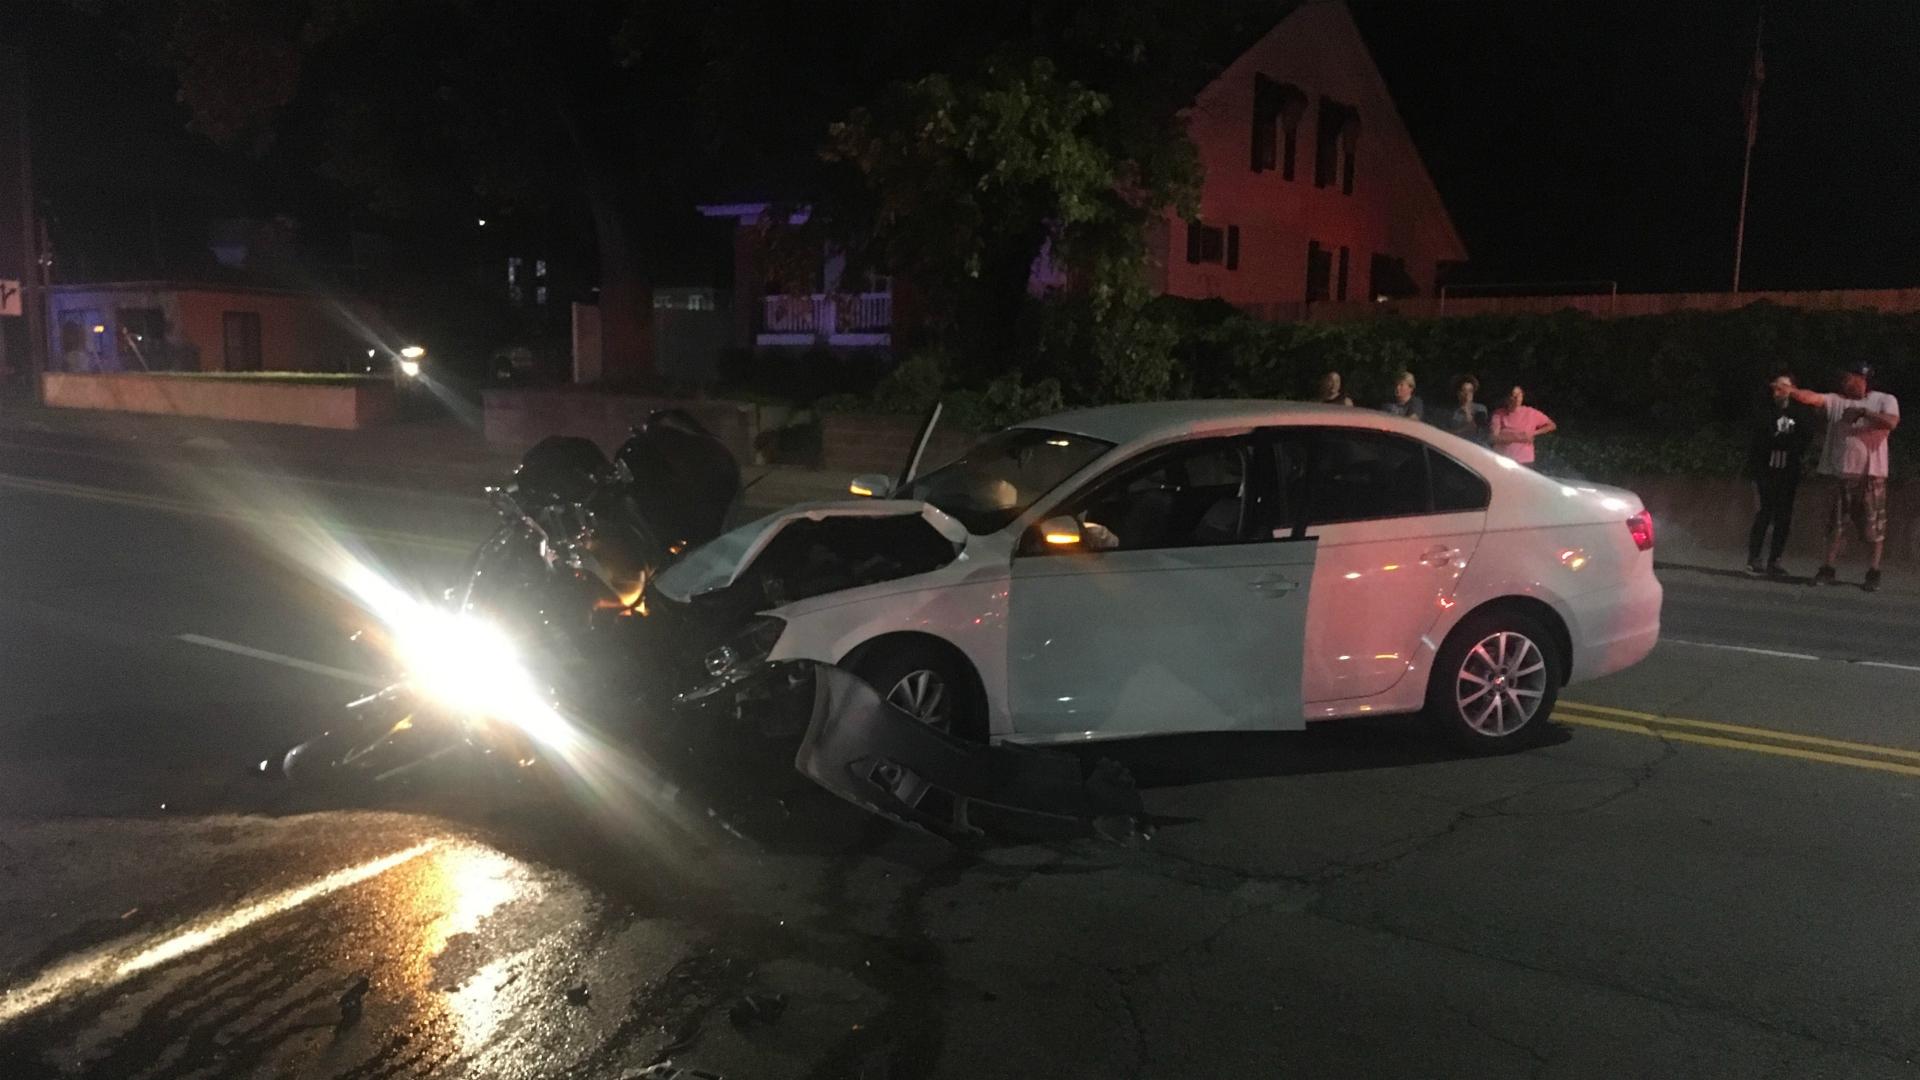 wyoming chicago drive crash 081218_1534130874043.jpg.jpg